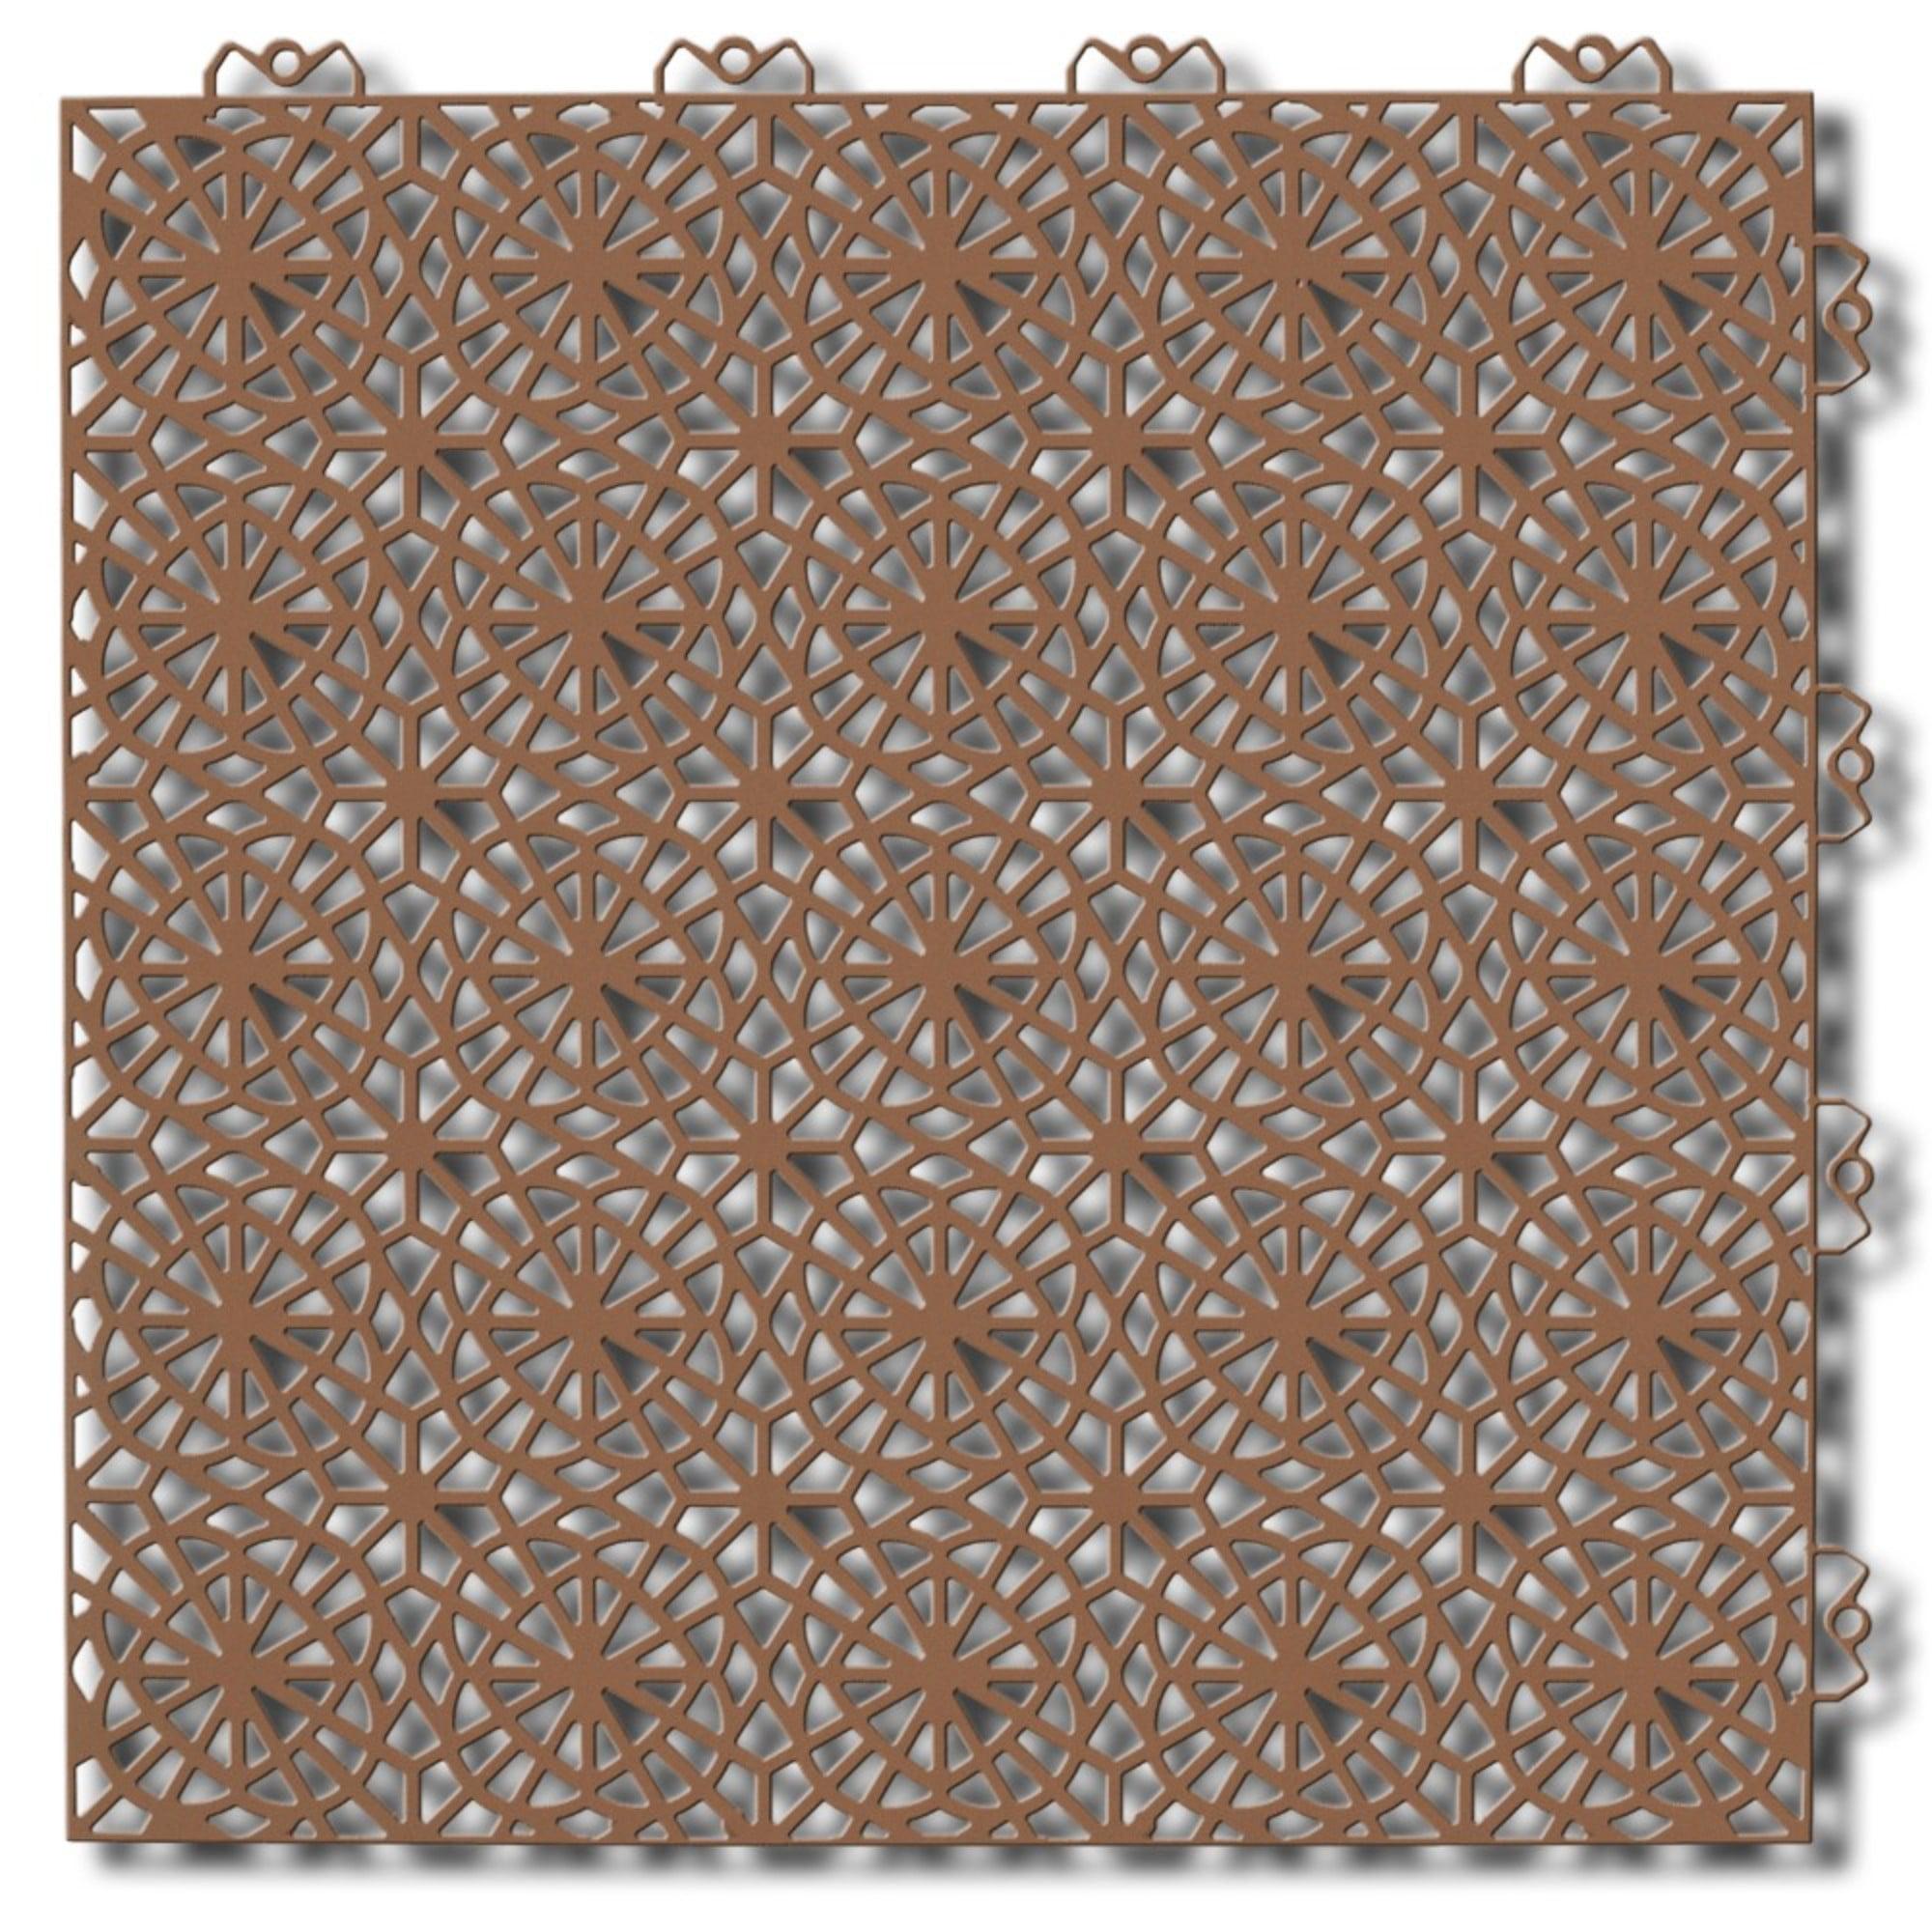 Mats Inc. Bergo XL Floor Tiles, Center, Cedar Wood, 2.46' x 8.61', 14 Pack